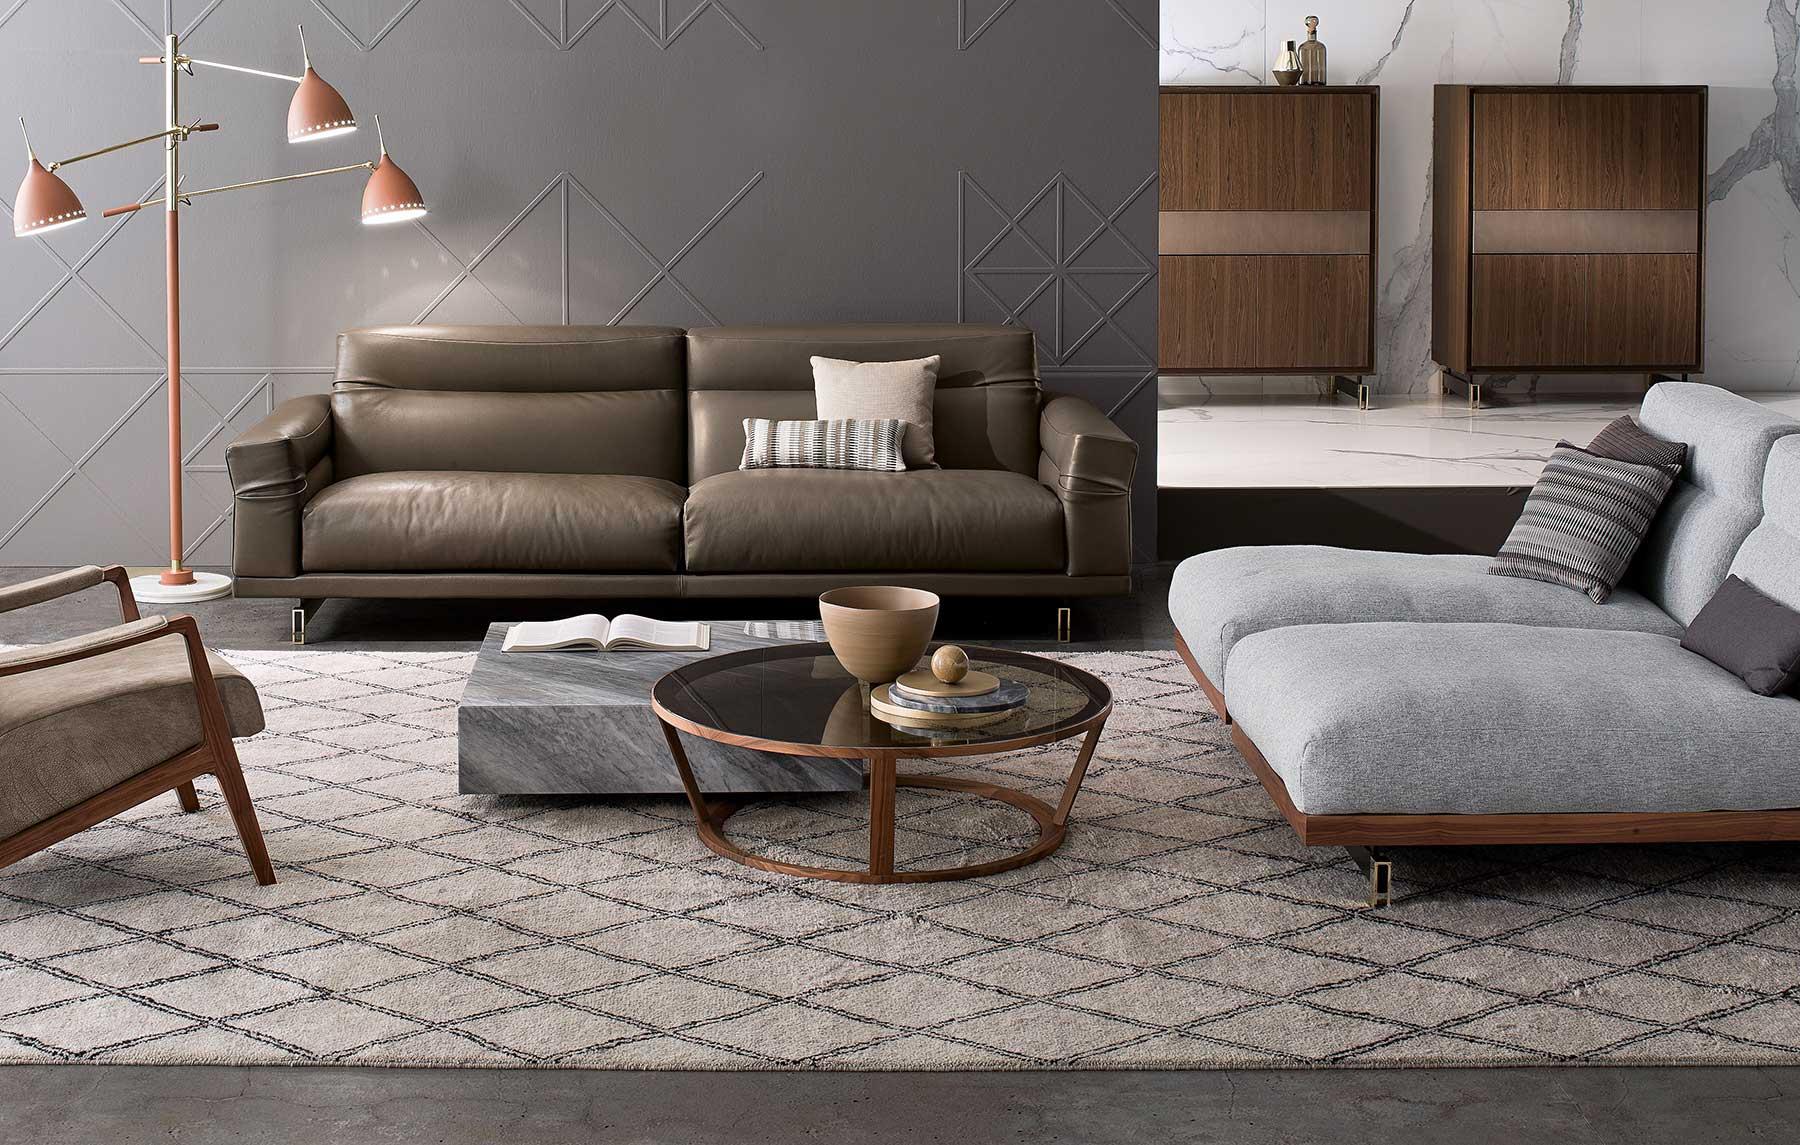 Tavolino in marmo e cristallo. Vendita online di tavolini design e mobili di lusso made in Italy. Consegna gratuita. Arredamento di alta qualità.